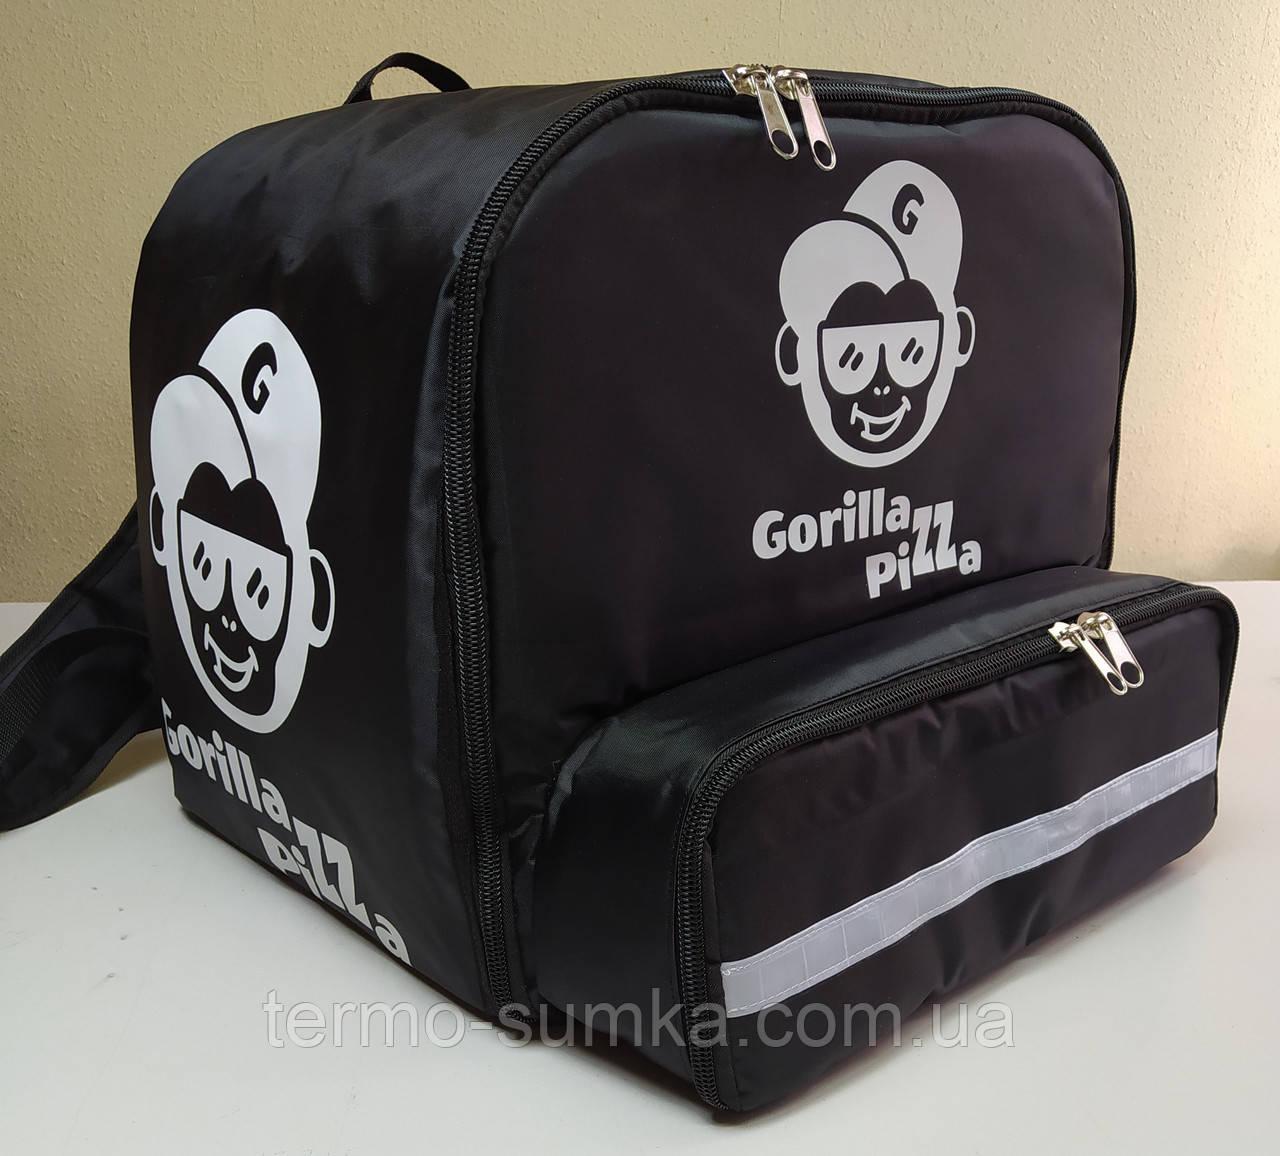 Рюкзак, термосумка для доставки еды с отделением для коробок на пиццу 42*42 см